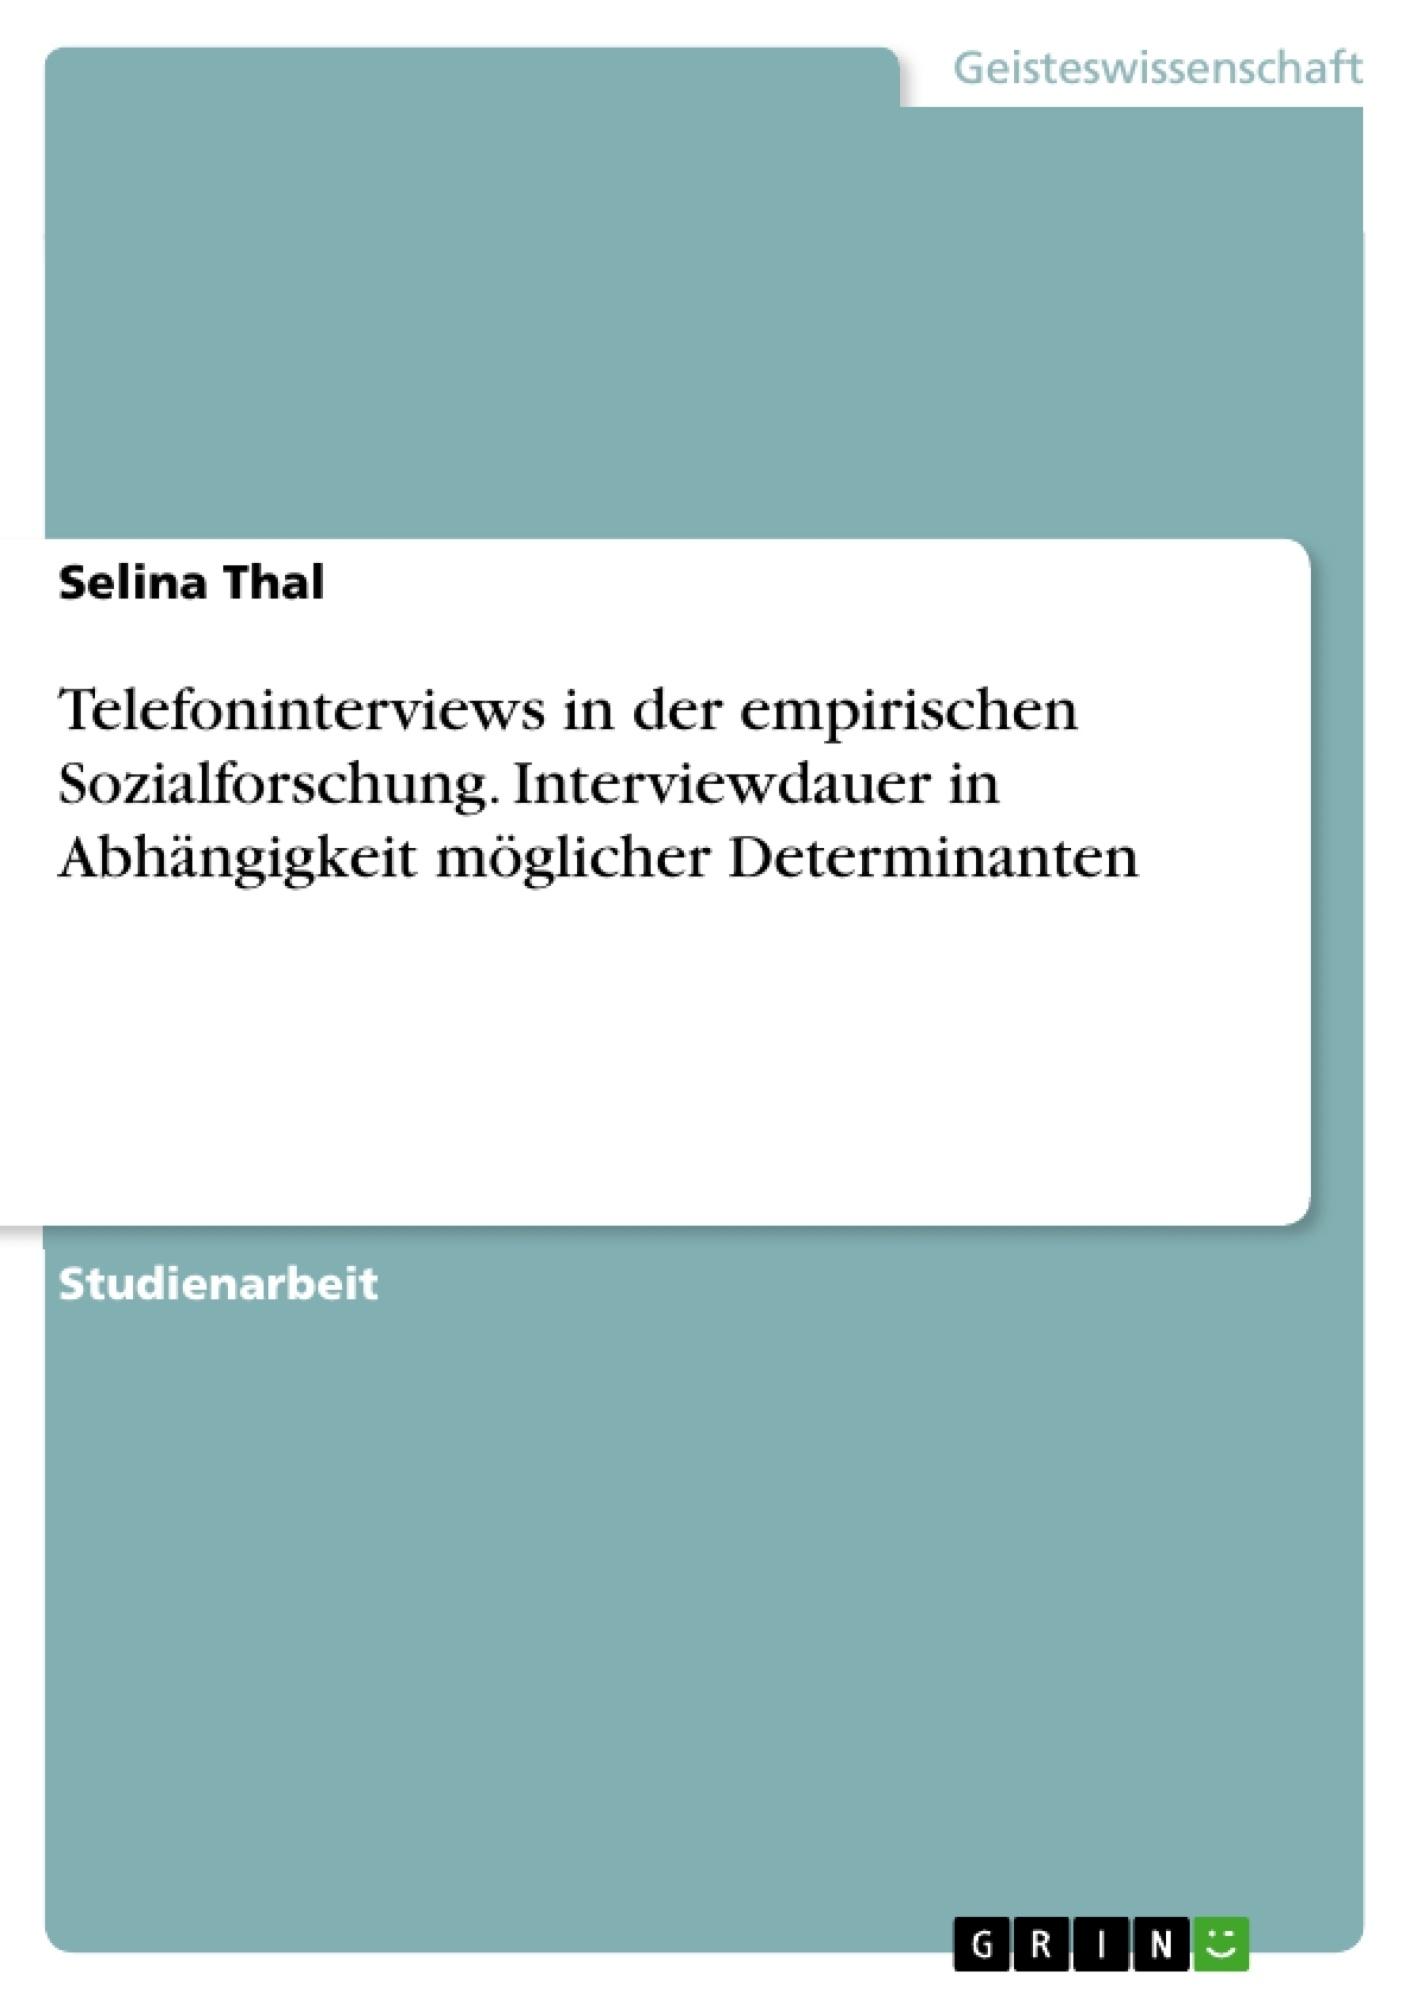 Titel: Telefoninterviews in der empirischen Sozialforschung. Interviewdauer in Abhängigkeit möglicher Determinanten